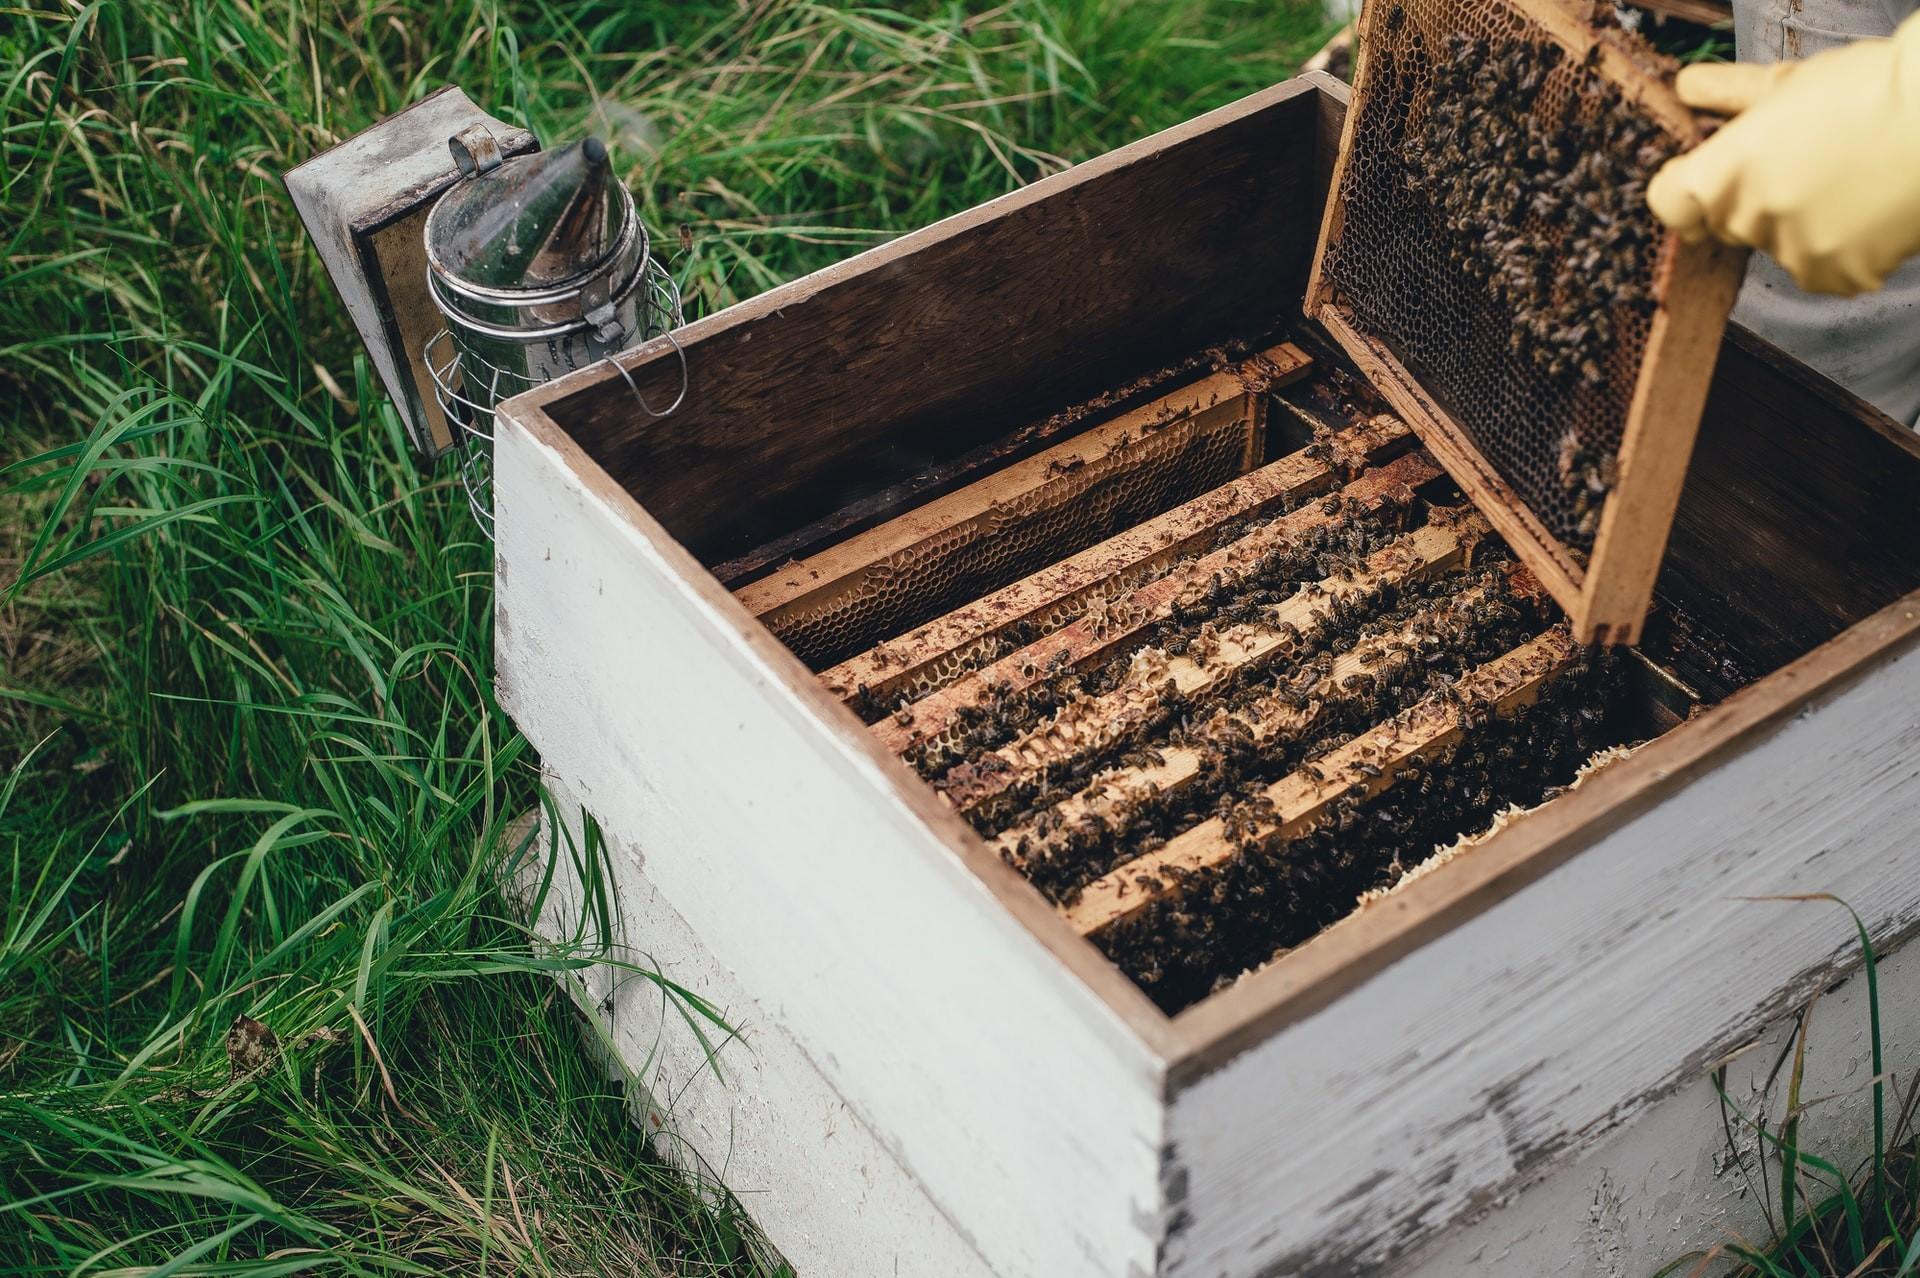 Beewashing